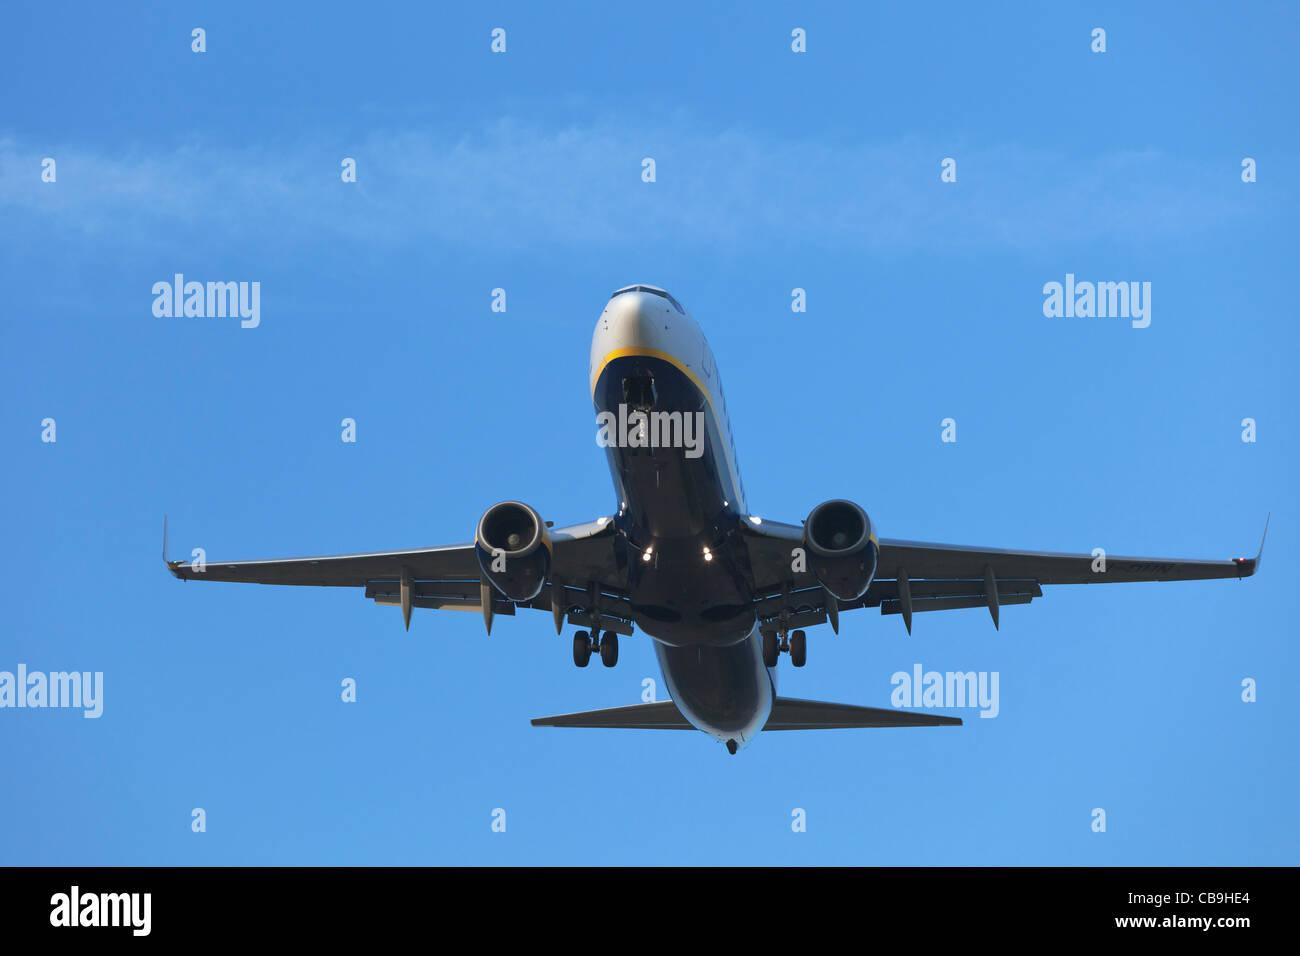 Ryanair aeromobili Boeing 737 sull approccio finale Immagini Stock